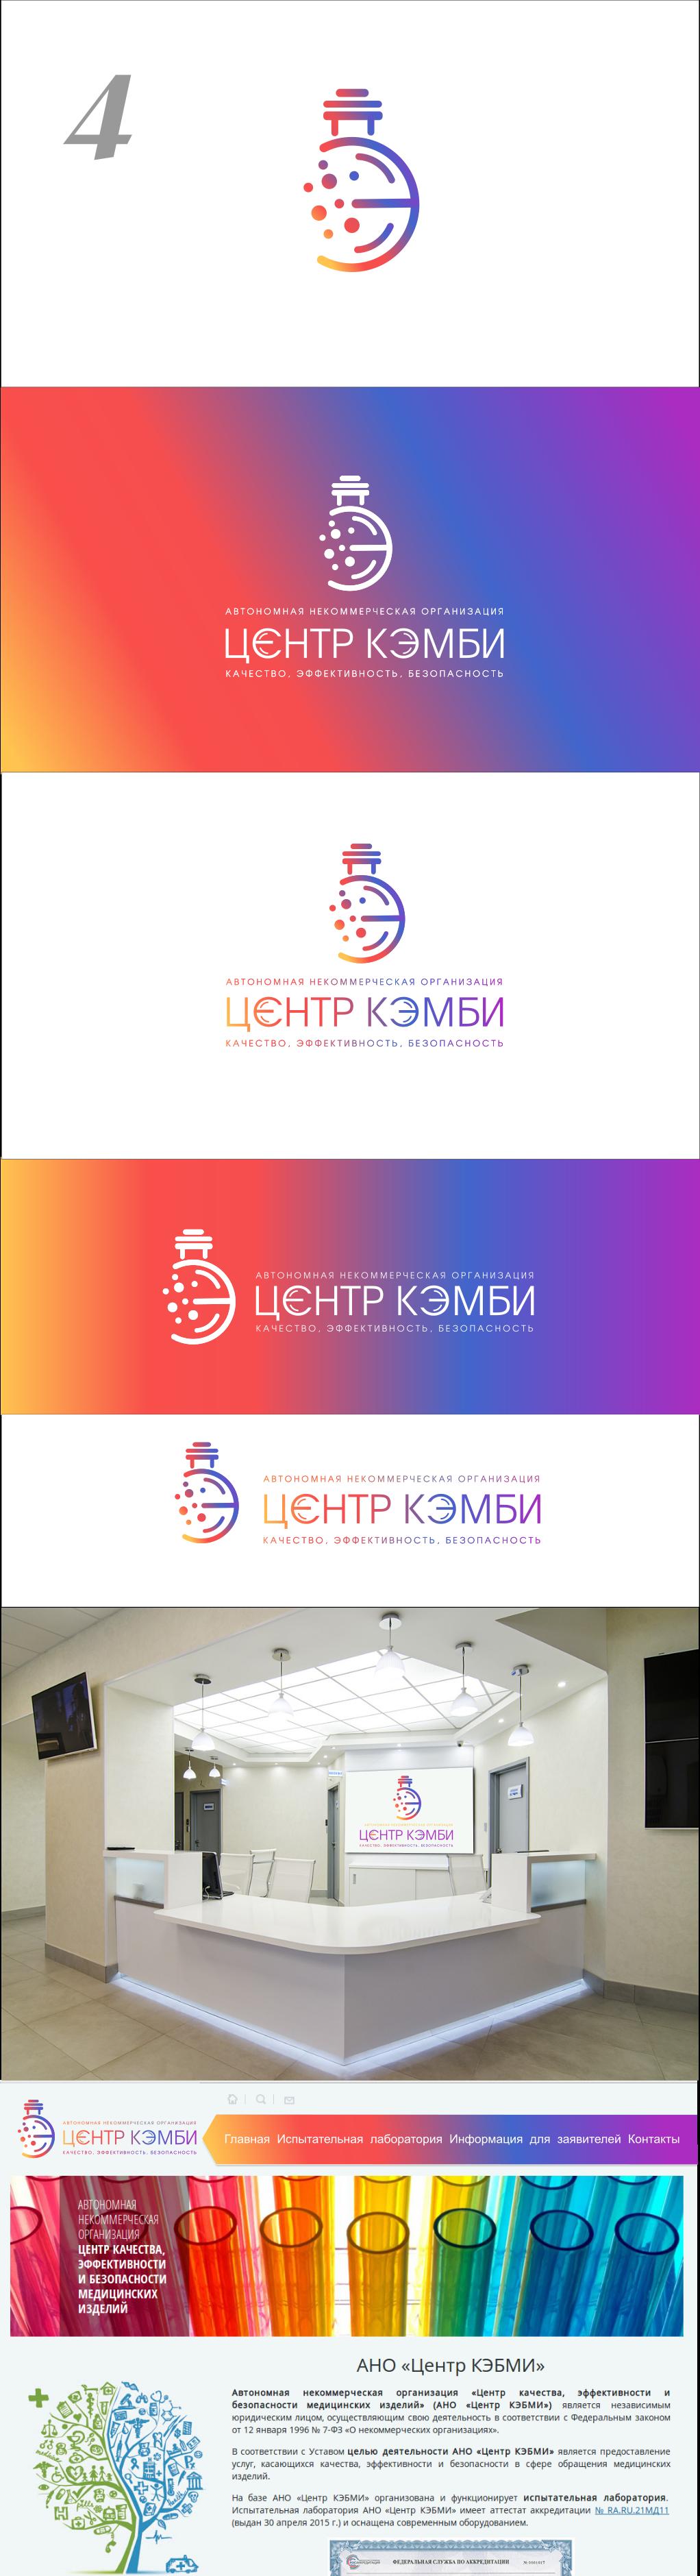 Редизайн логотипа АНО Центр КЭБМИ - BREVIS фото f_7795b1fa8c8bab3a.png